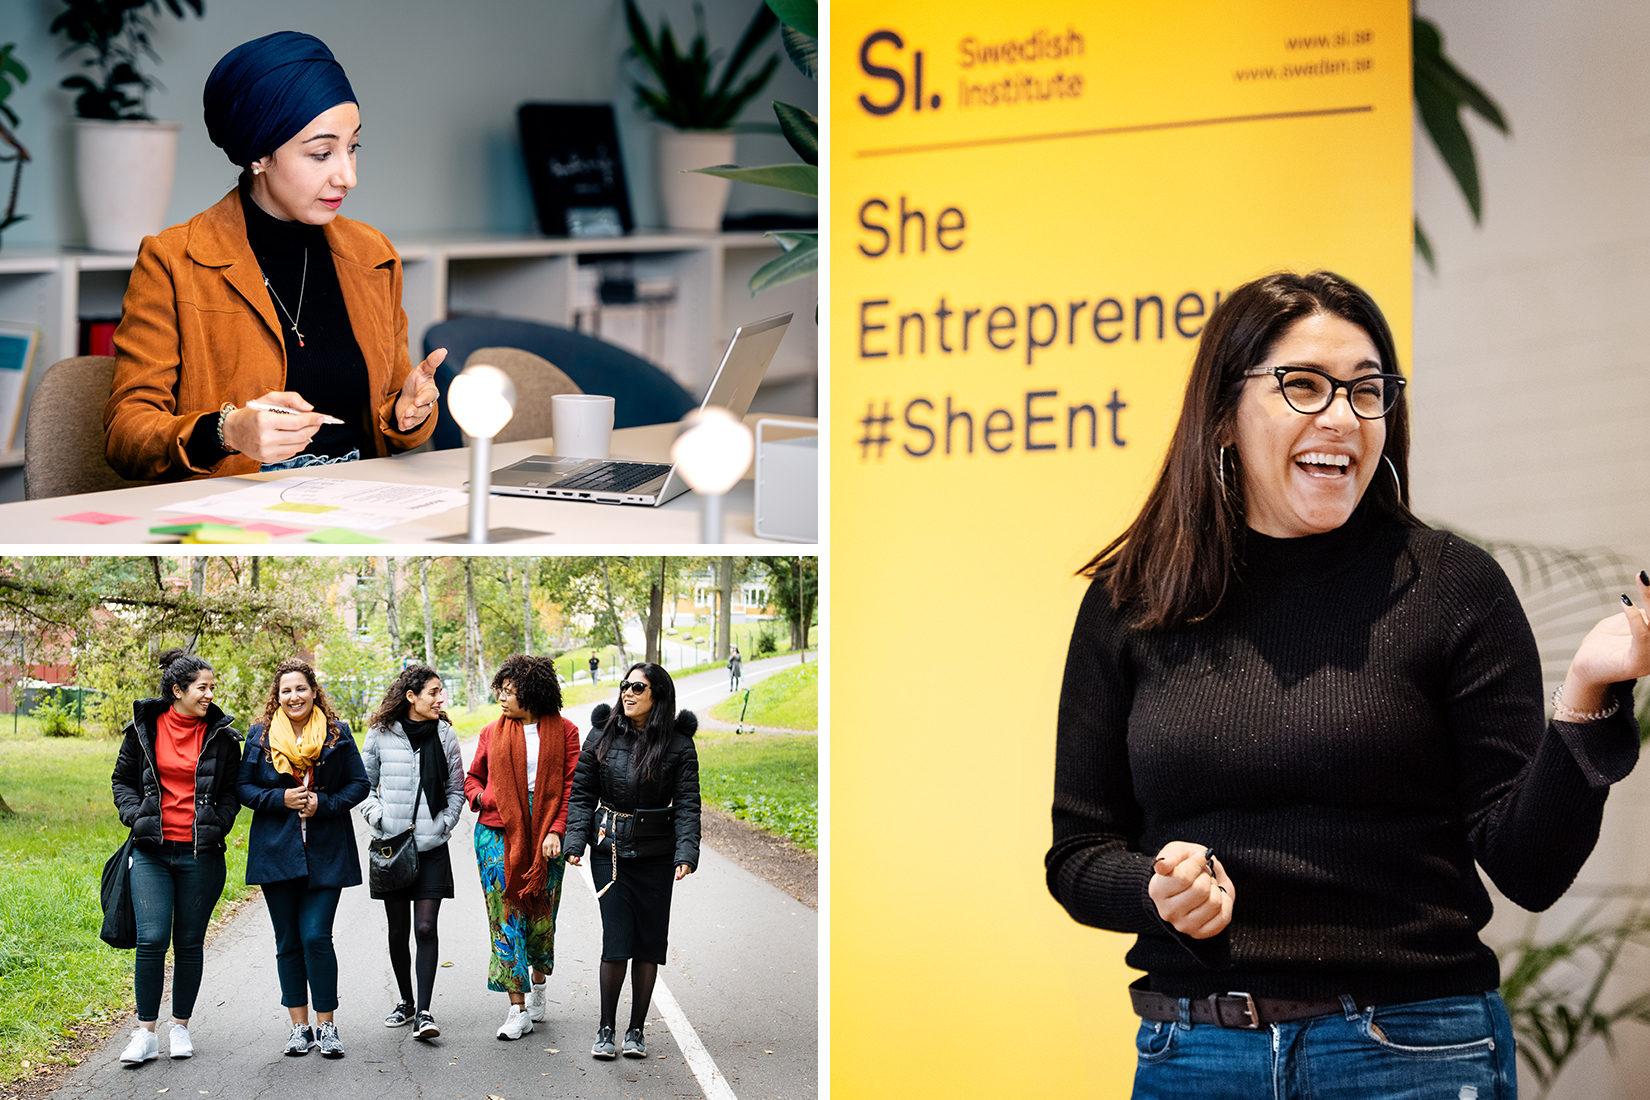 Fotokollage som föreställer en grupp av kvinnor som promenerar, en kvinna som arbetar framför en dator samt en som håller ett föredrag.